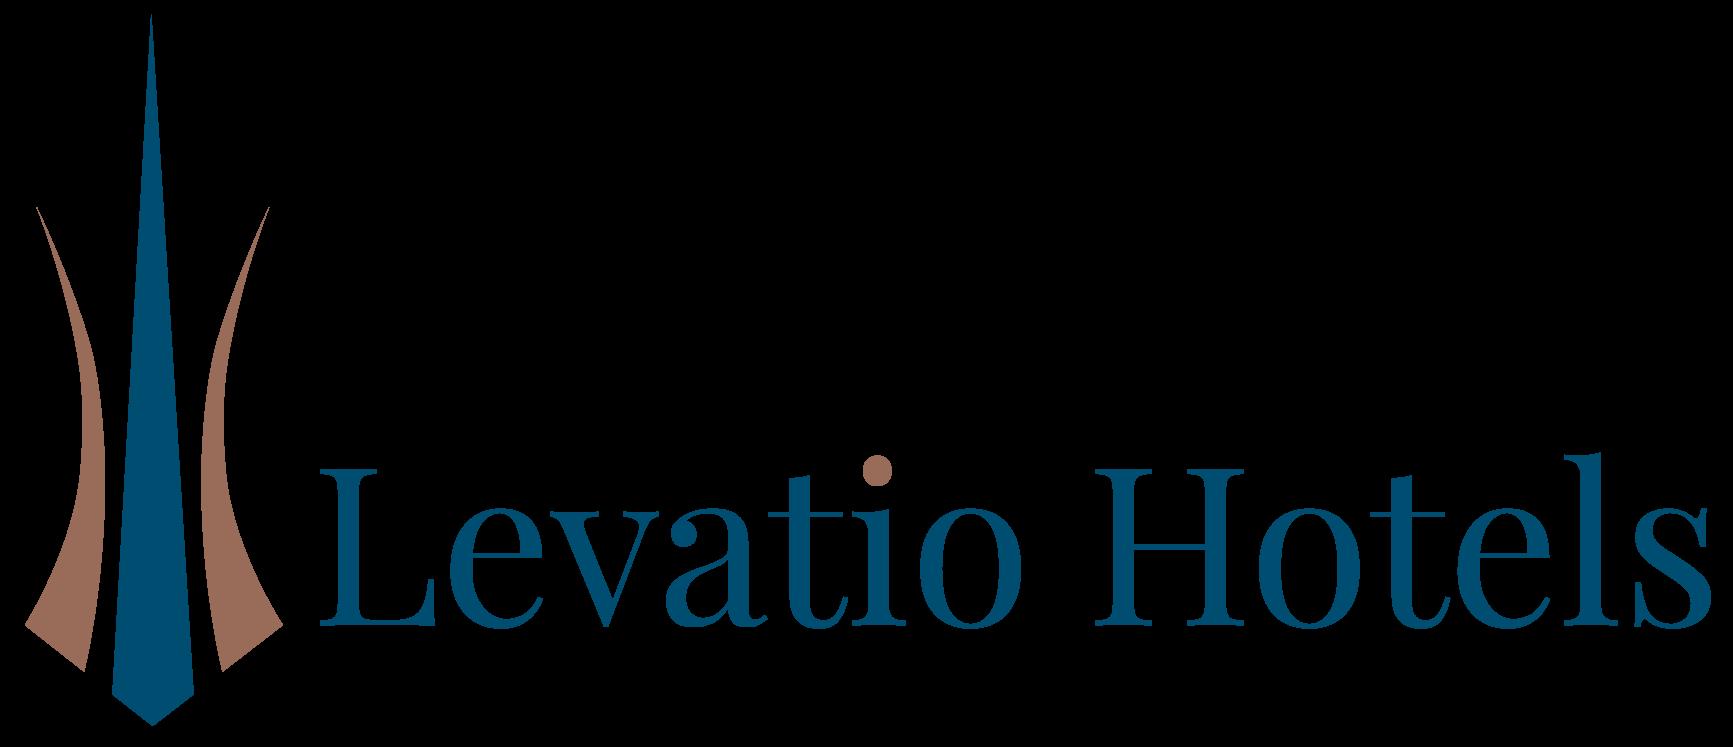 Levatio Hotel & Suites